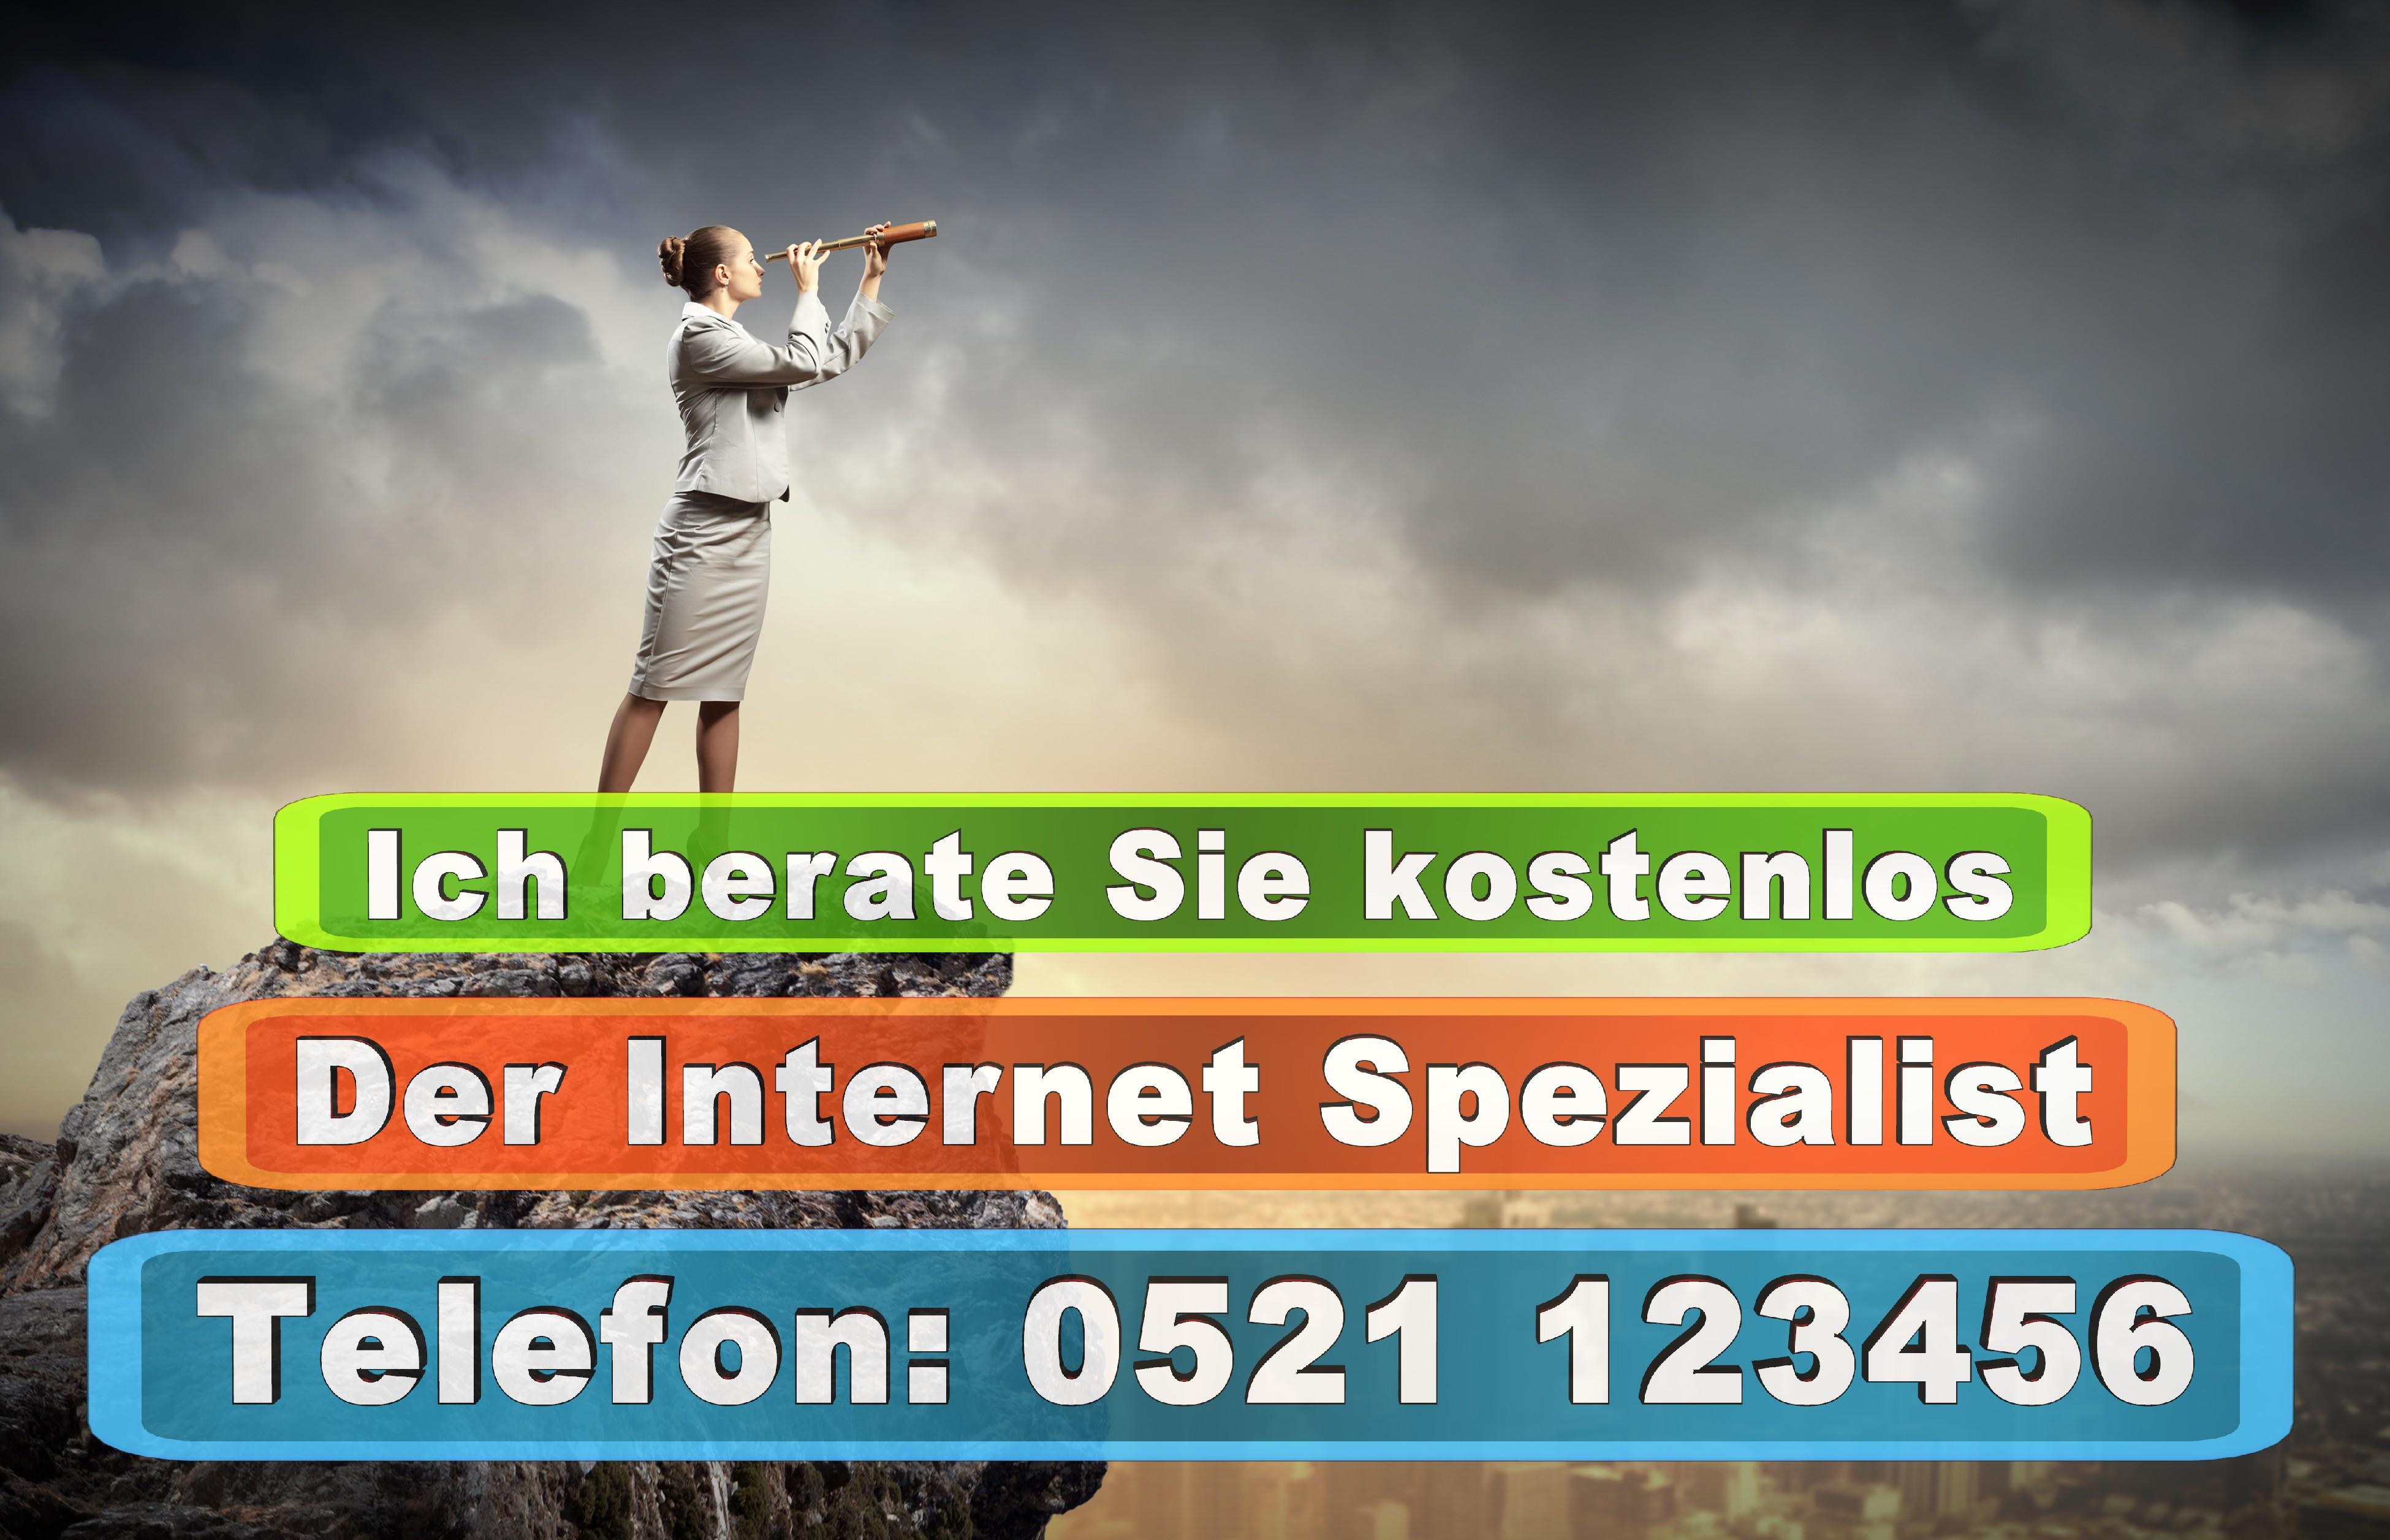 Bielefeld Werbeagenturen Druckereien Werbeplakate Print Druck Internet Computer Grafiker Designer Mode Geschäfte Bekleidung